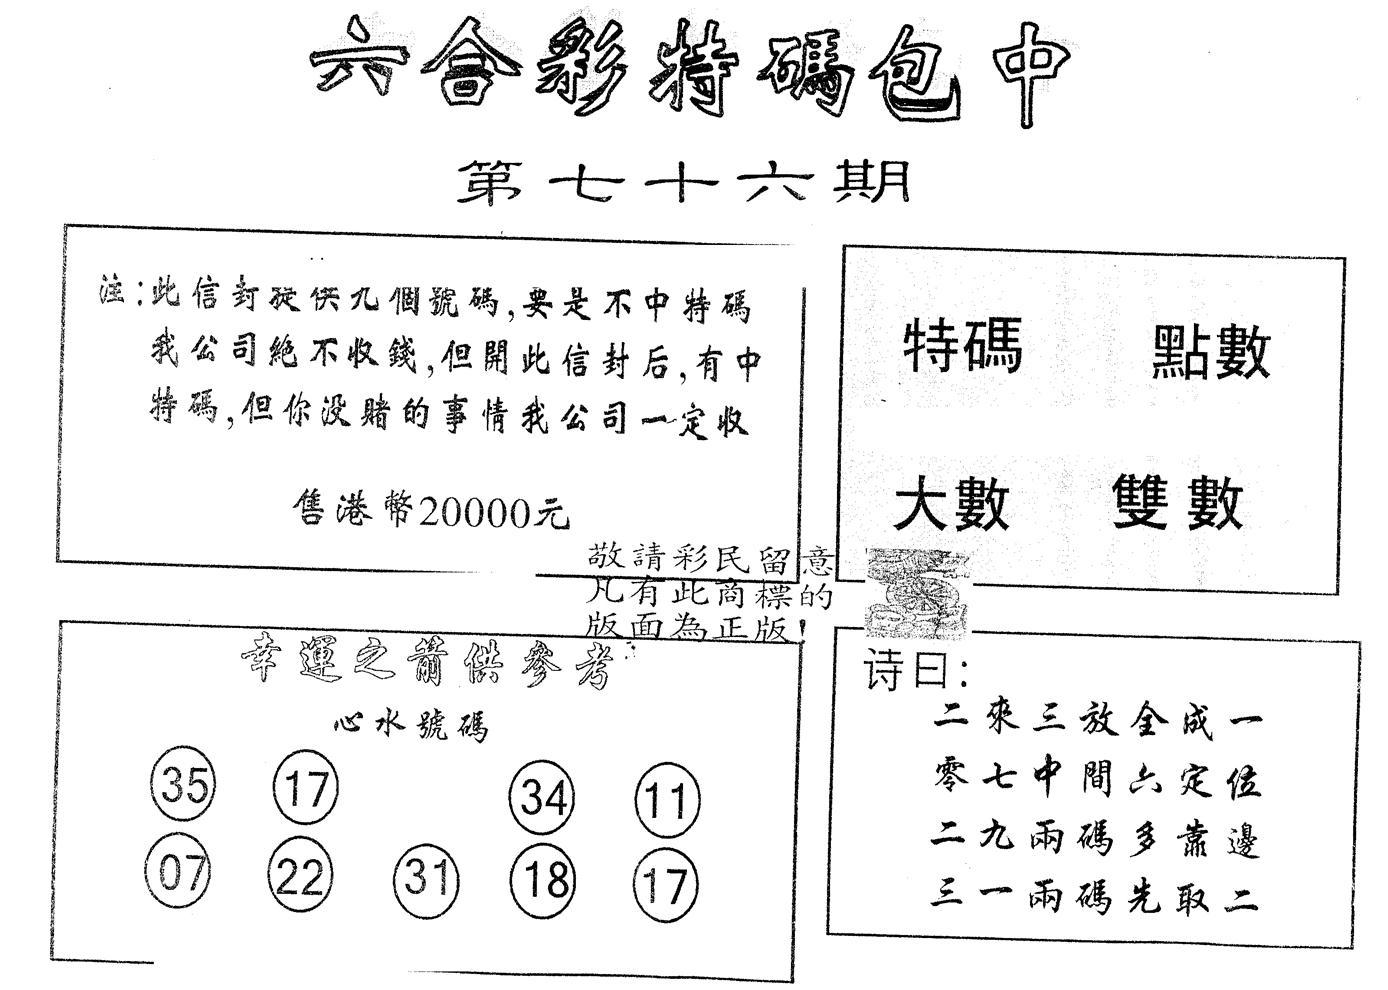 076期另版2000包中特(黑白)